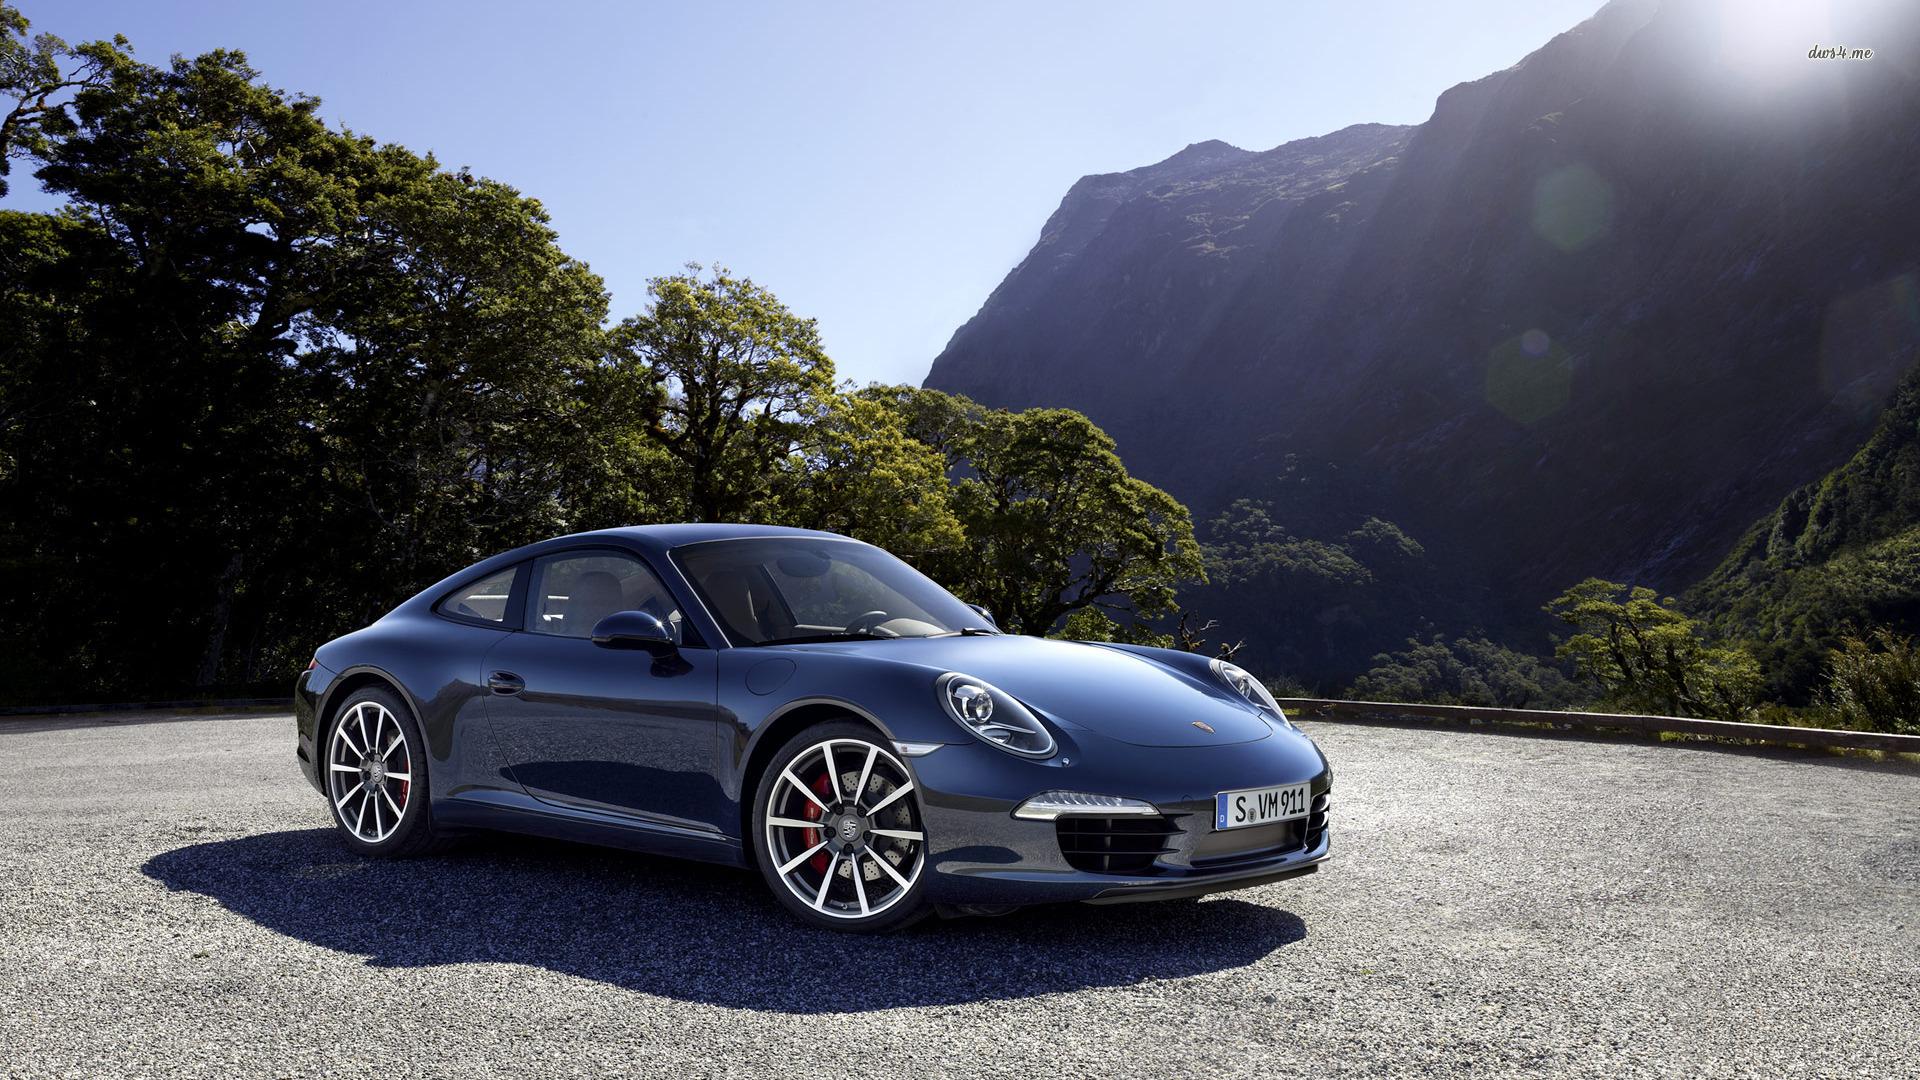 Porsche 911 Wallpaper 1920x1080   image 156 1920x1080